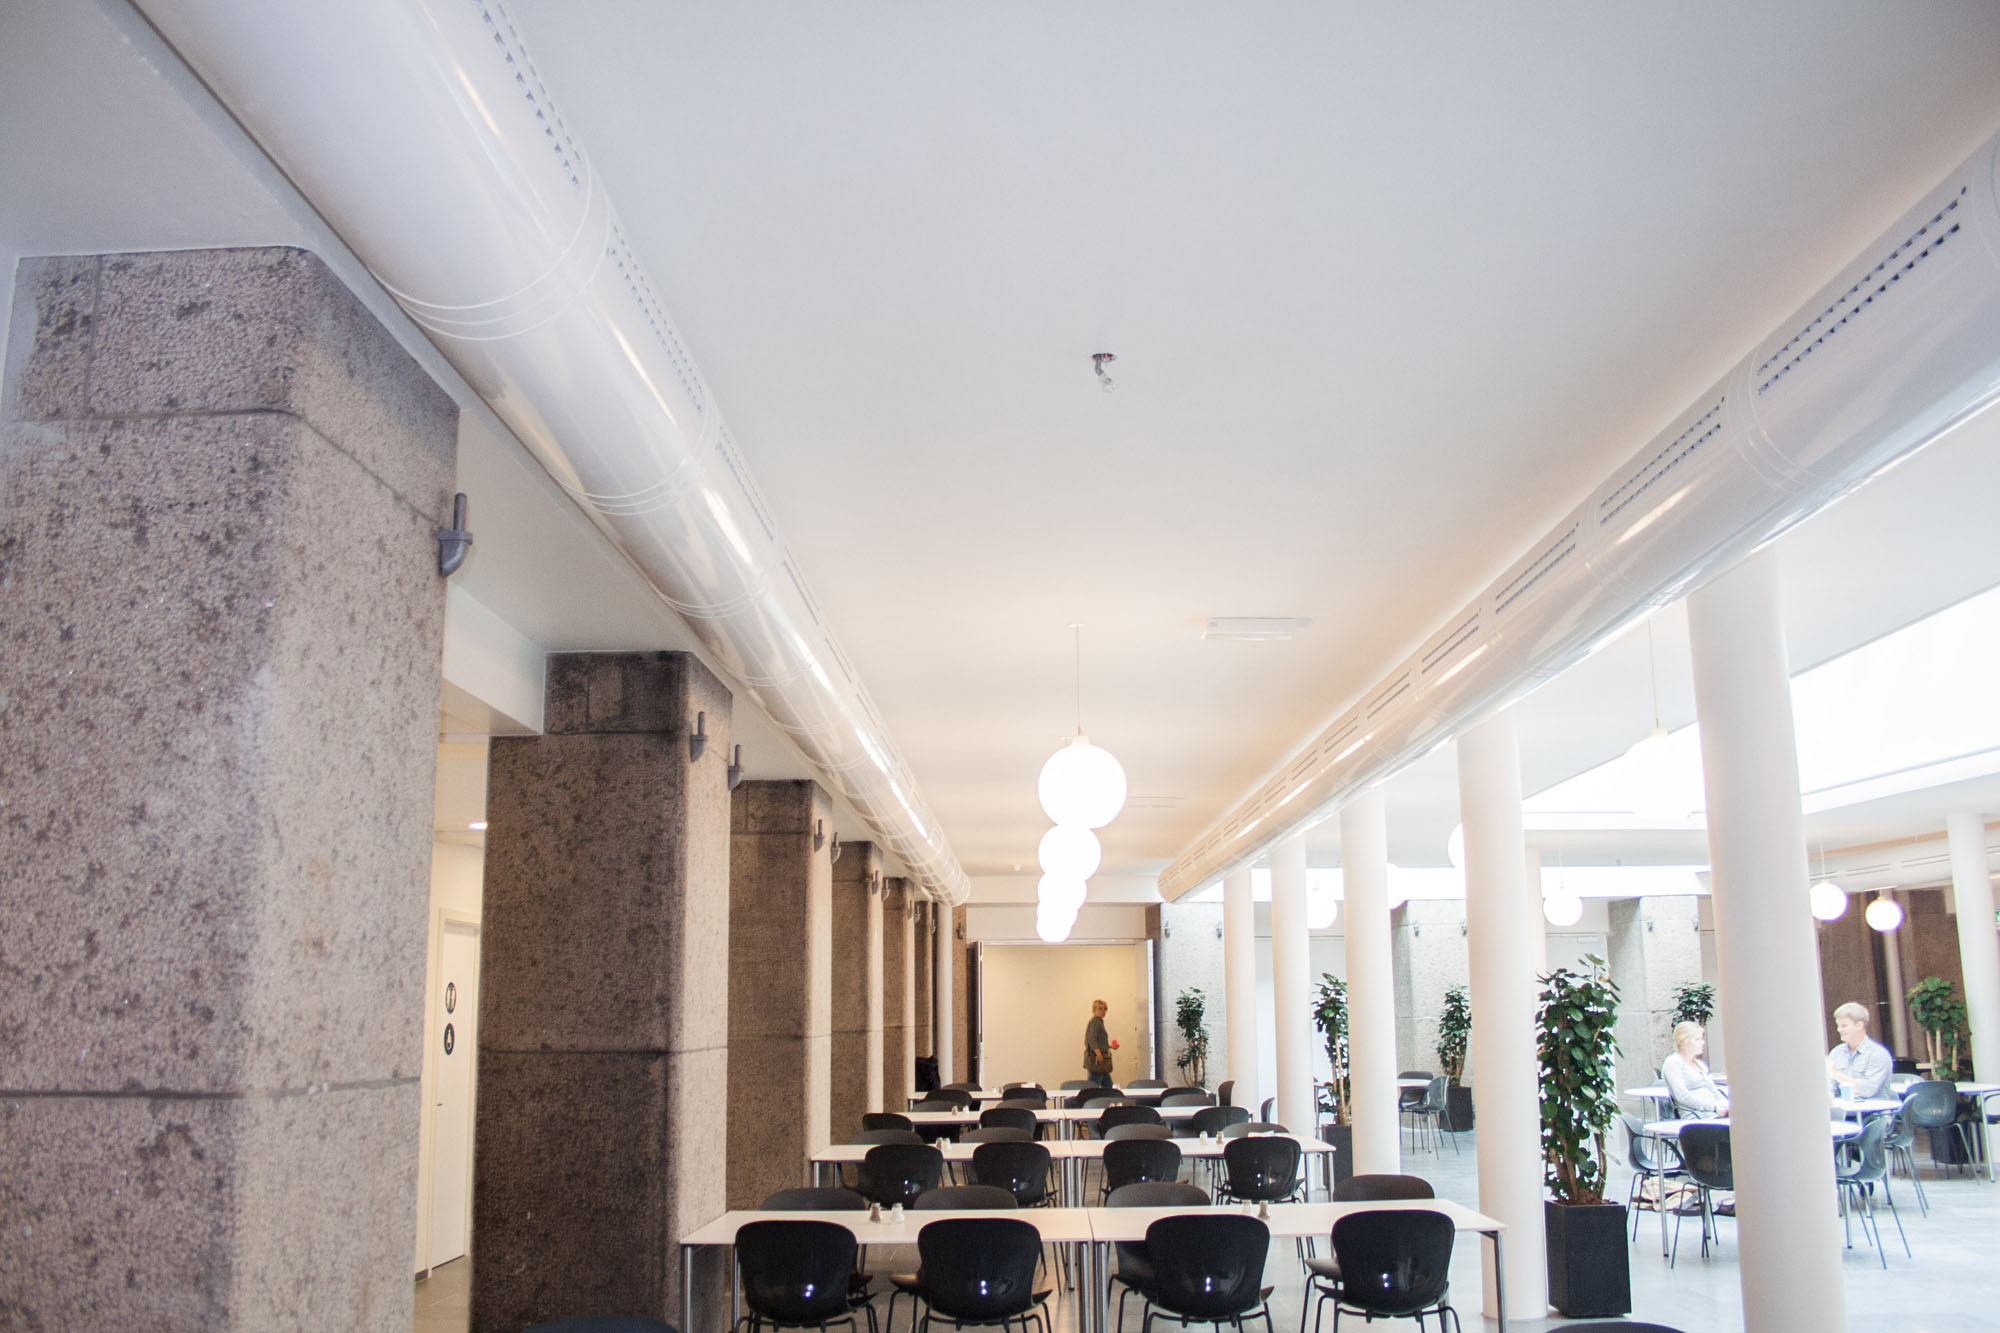 Hôtels et restaurants KVUC - Copenhagen Adult Education_1.jpg